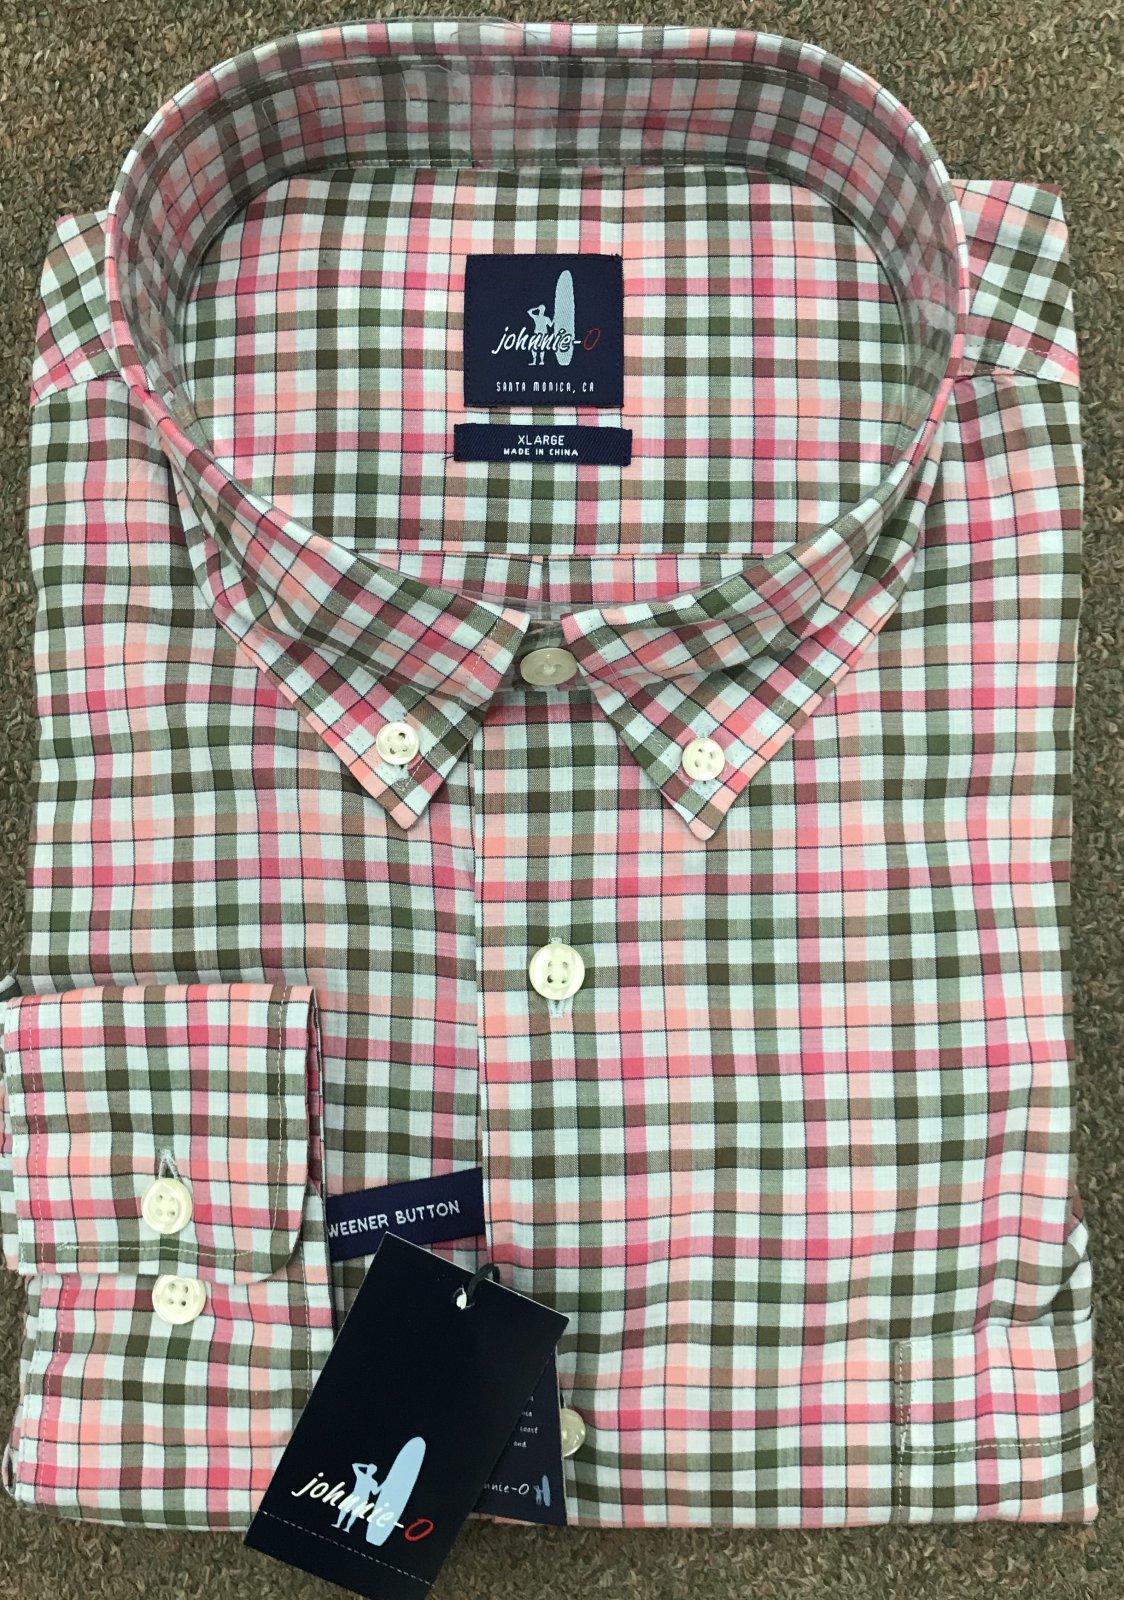 Johnnie Fall 18 LS Shirt Rawlings